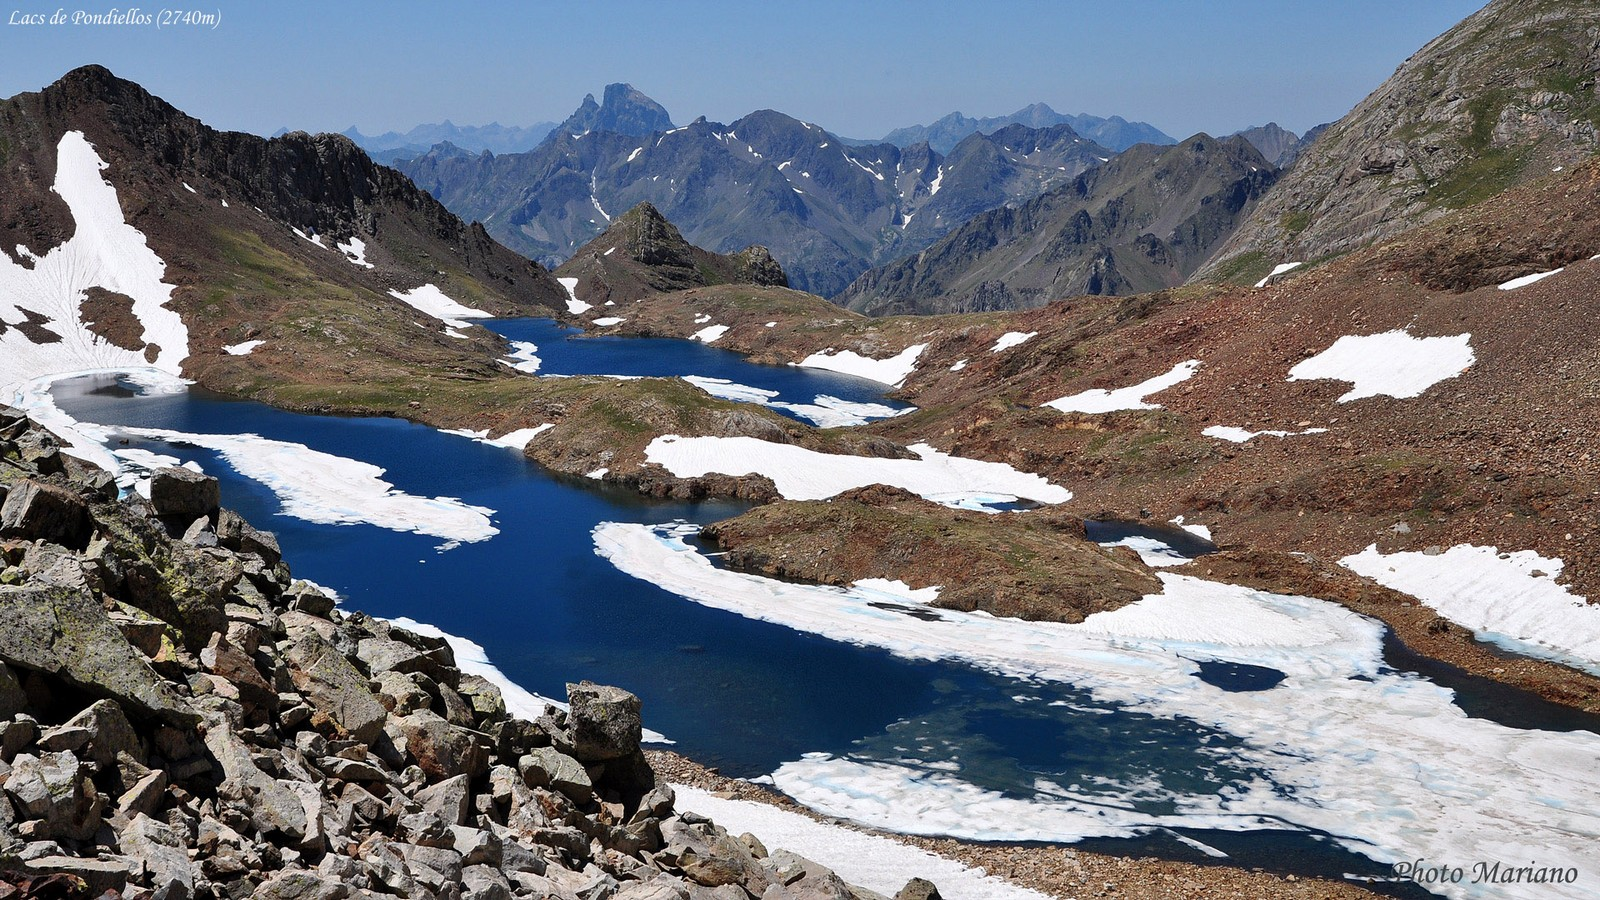 Les-Lacs-des-Pyrenees_098